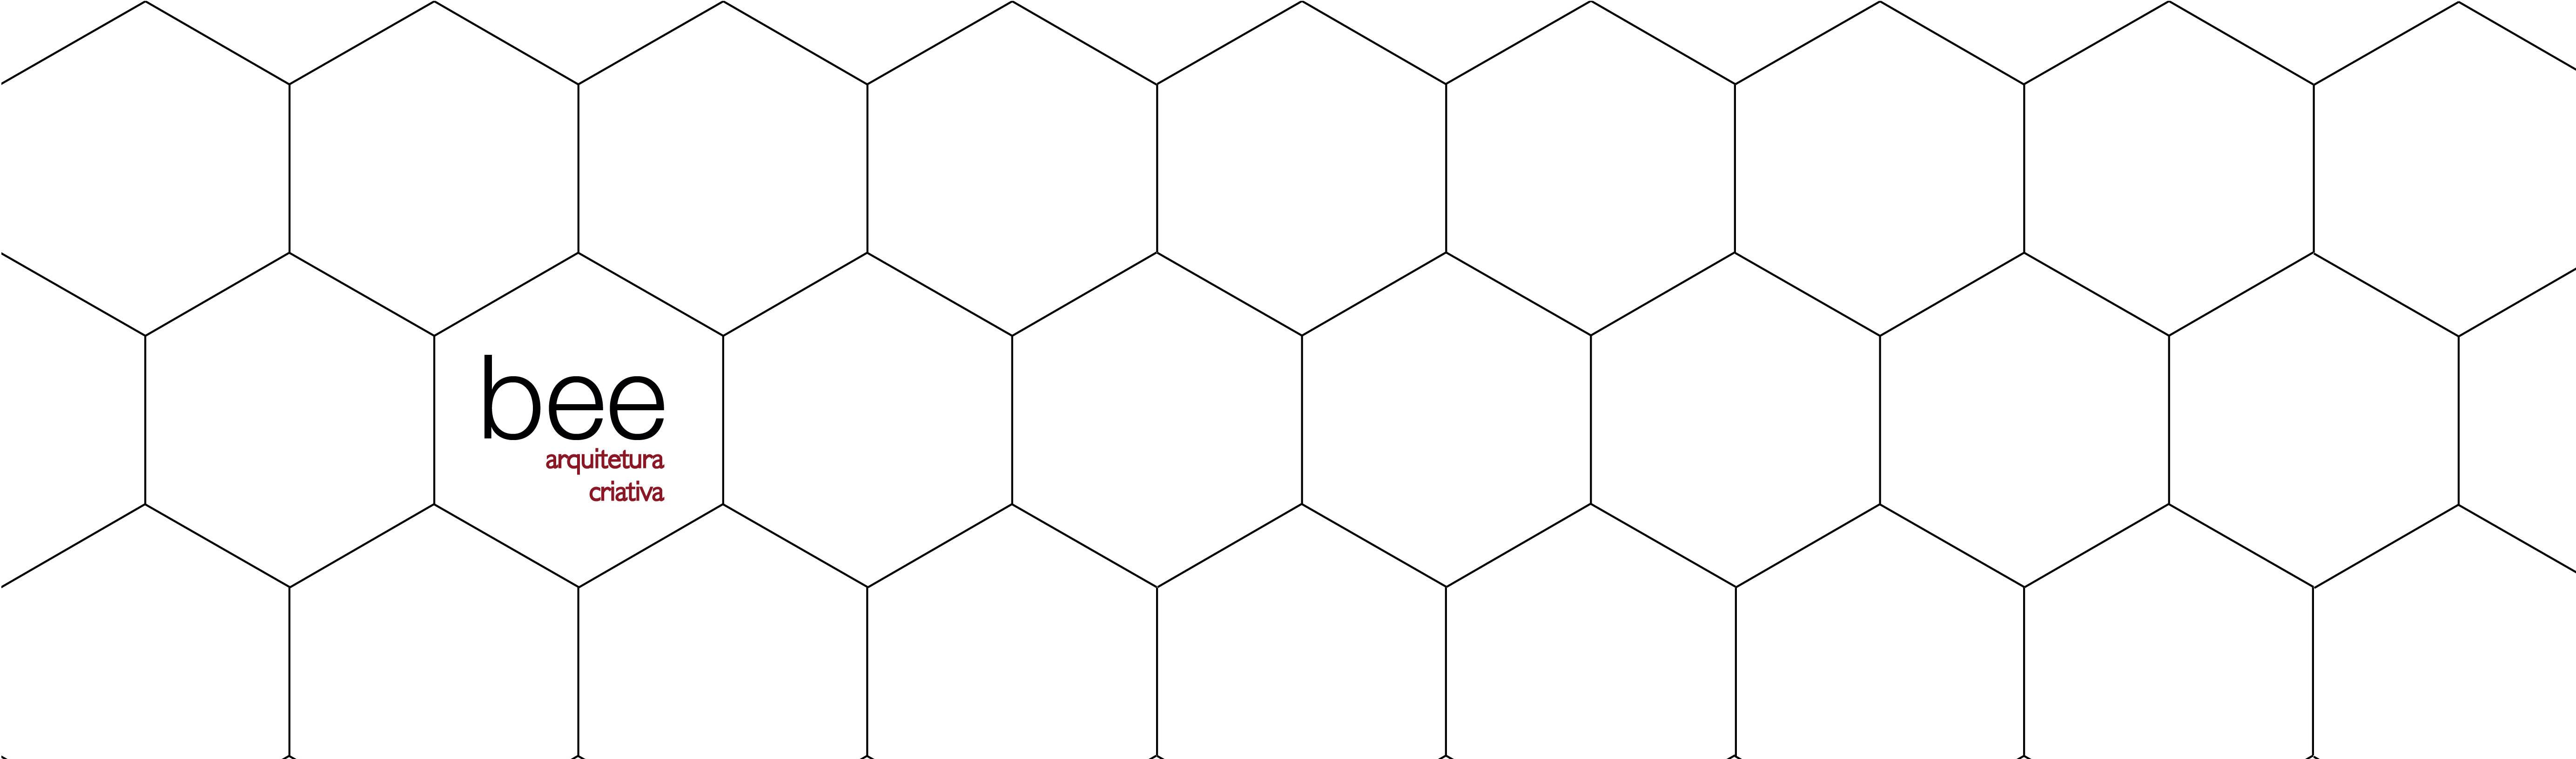 Bee Arquitetura Criativa